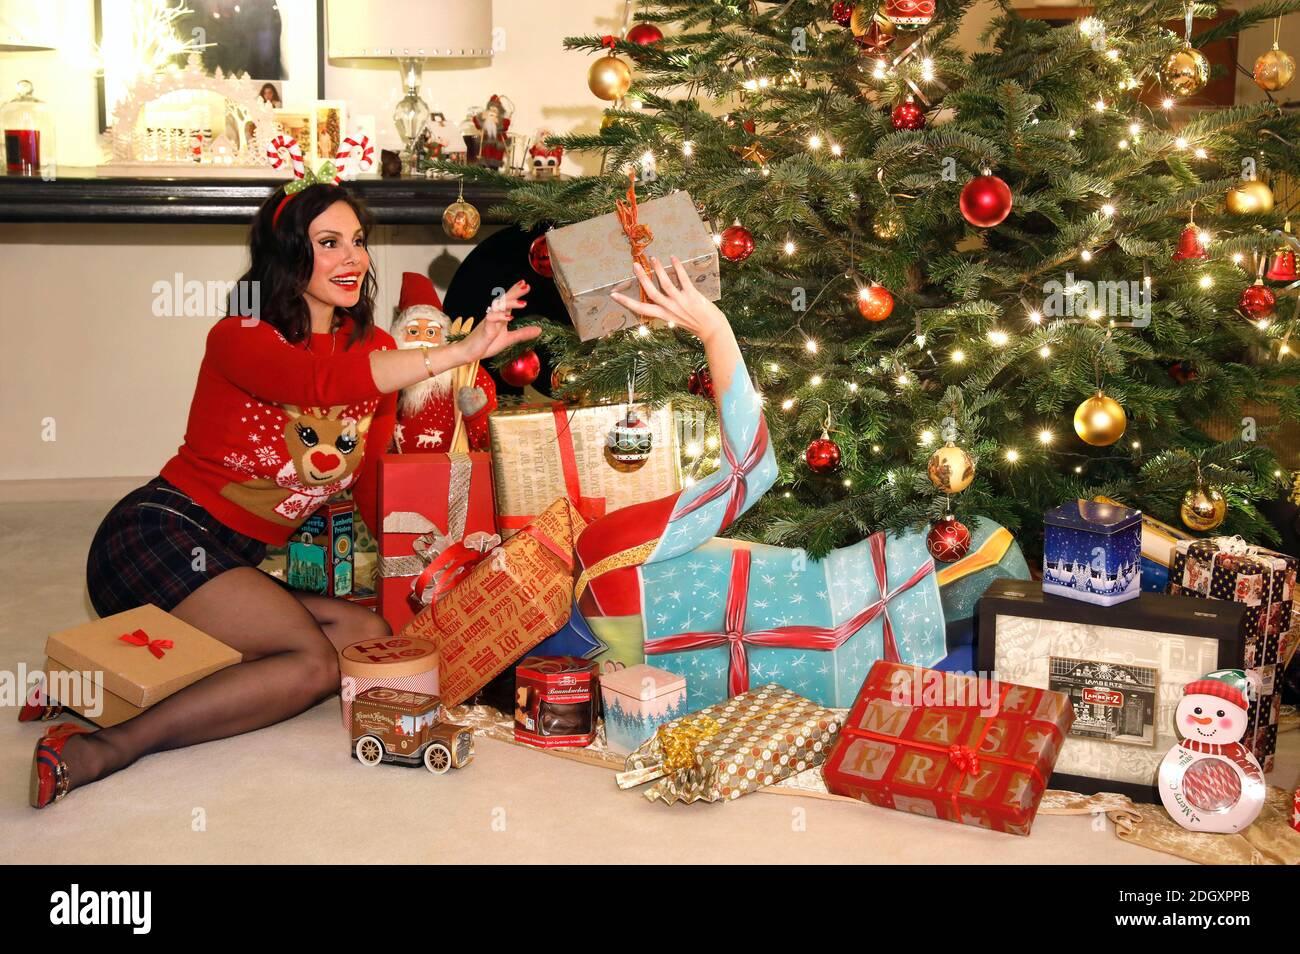 Tempo di avvento con Dany Michalski. Foto esclusive con Dany Michalski e il modello Katey come bodypainting Natale pacchetto a Einbeck il 6 dicembre 2020 - Bodypainting artist: Jörg Düsterwald Foto Stock